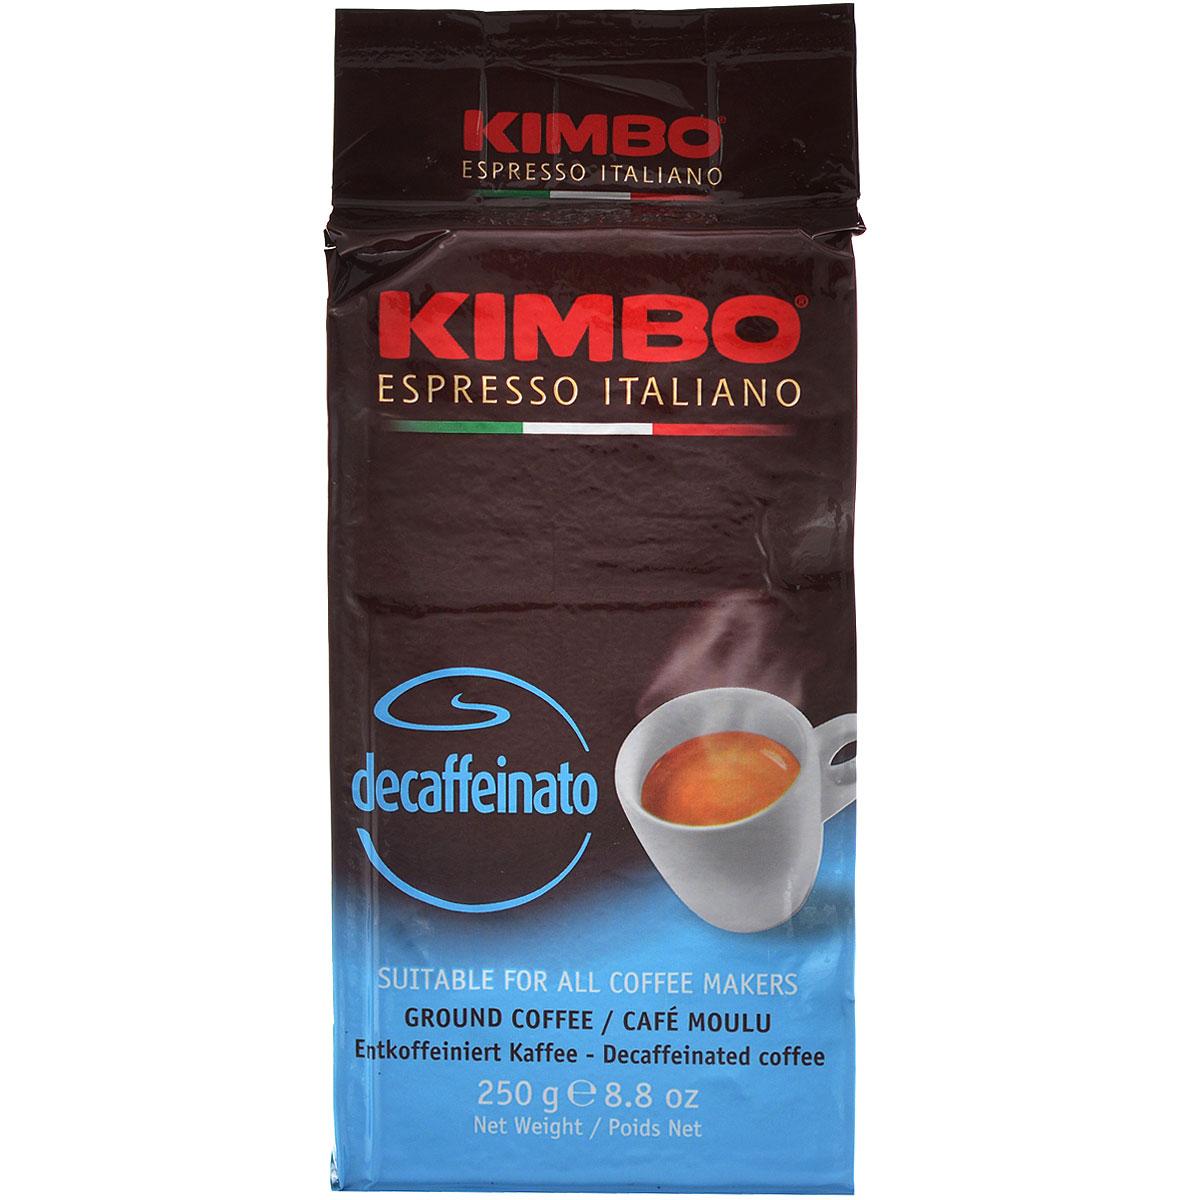 Kimbo Decaffeinato кофе молотый, 250 г8002200605117Натуральный жареный молотый кофе Kimbo Decaffeinato. Великолепный итальянский кофе без кофеина, который сохранил насыщенный аромат и богатый вкус классического эспрессо.